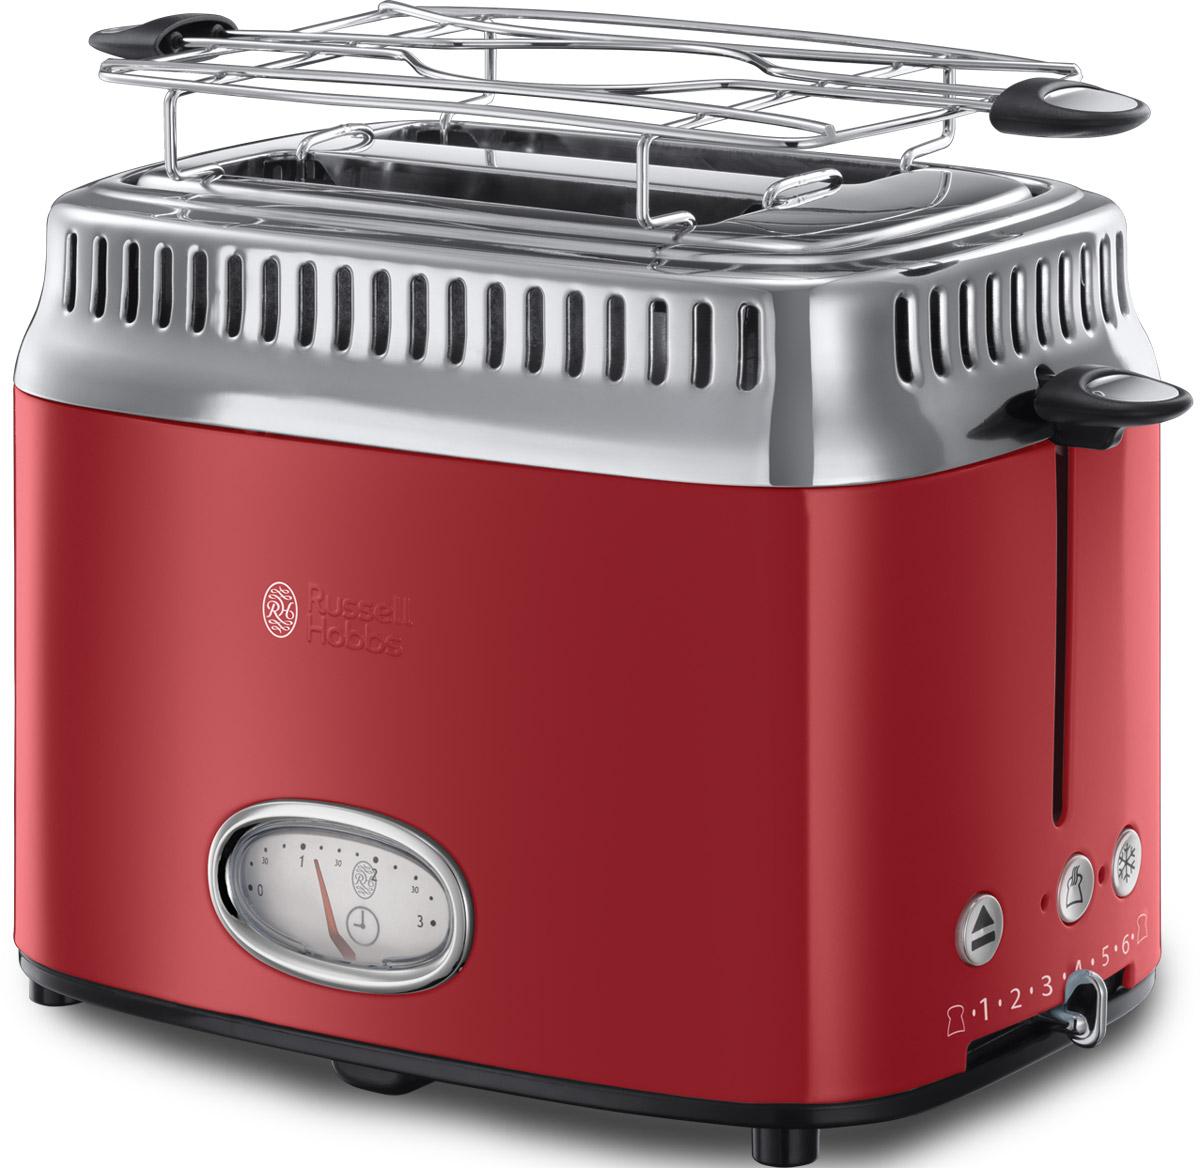 Russell Hobbs Retro, Ribbon Red тостер21680-56Новинка сезона Осень-Зима 2016 года, тостер Russell Hobbs Retro входит в коллекцию приборов для Завтраков Retro, которая включает в себя еще и Чайник и Кофеварку. Если вы любите тосты, эта привлекательная модель тостера предоставит вам такое удовольствие в полной мере.Предпочитаете слегка подогретый хлеб или тосты с поджаристой хрустящей корочкой? Выберите нужную степень поджарки тостов и наслаждайтесь результатом. Стильная винтажная шкала обратного отсчета времени приготовления наглядно отображает время до готовности тостов. Хороший завтрак это начало хорошего дня, но времени на завтрак всегда критично мало. Понимая это, Russell Hobbs оснастил новые тостеры Retro технологией быстрого приготовления, которая сбережет ценные минуты с утра. Функция lift and look позволяет проверить готовность тостов, не прерывая процесс приготовления. В комплект к тостеру входит удобная решеточка для подогрева круассанов, бейглов и сэндвичей, а выдвижной лоток для сбора крошек поможет сохранять чистоту прибора.